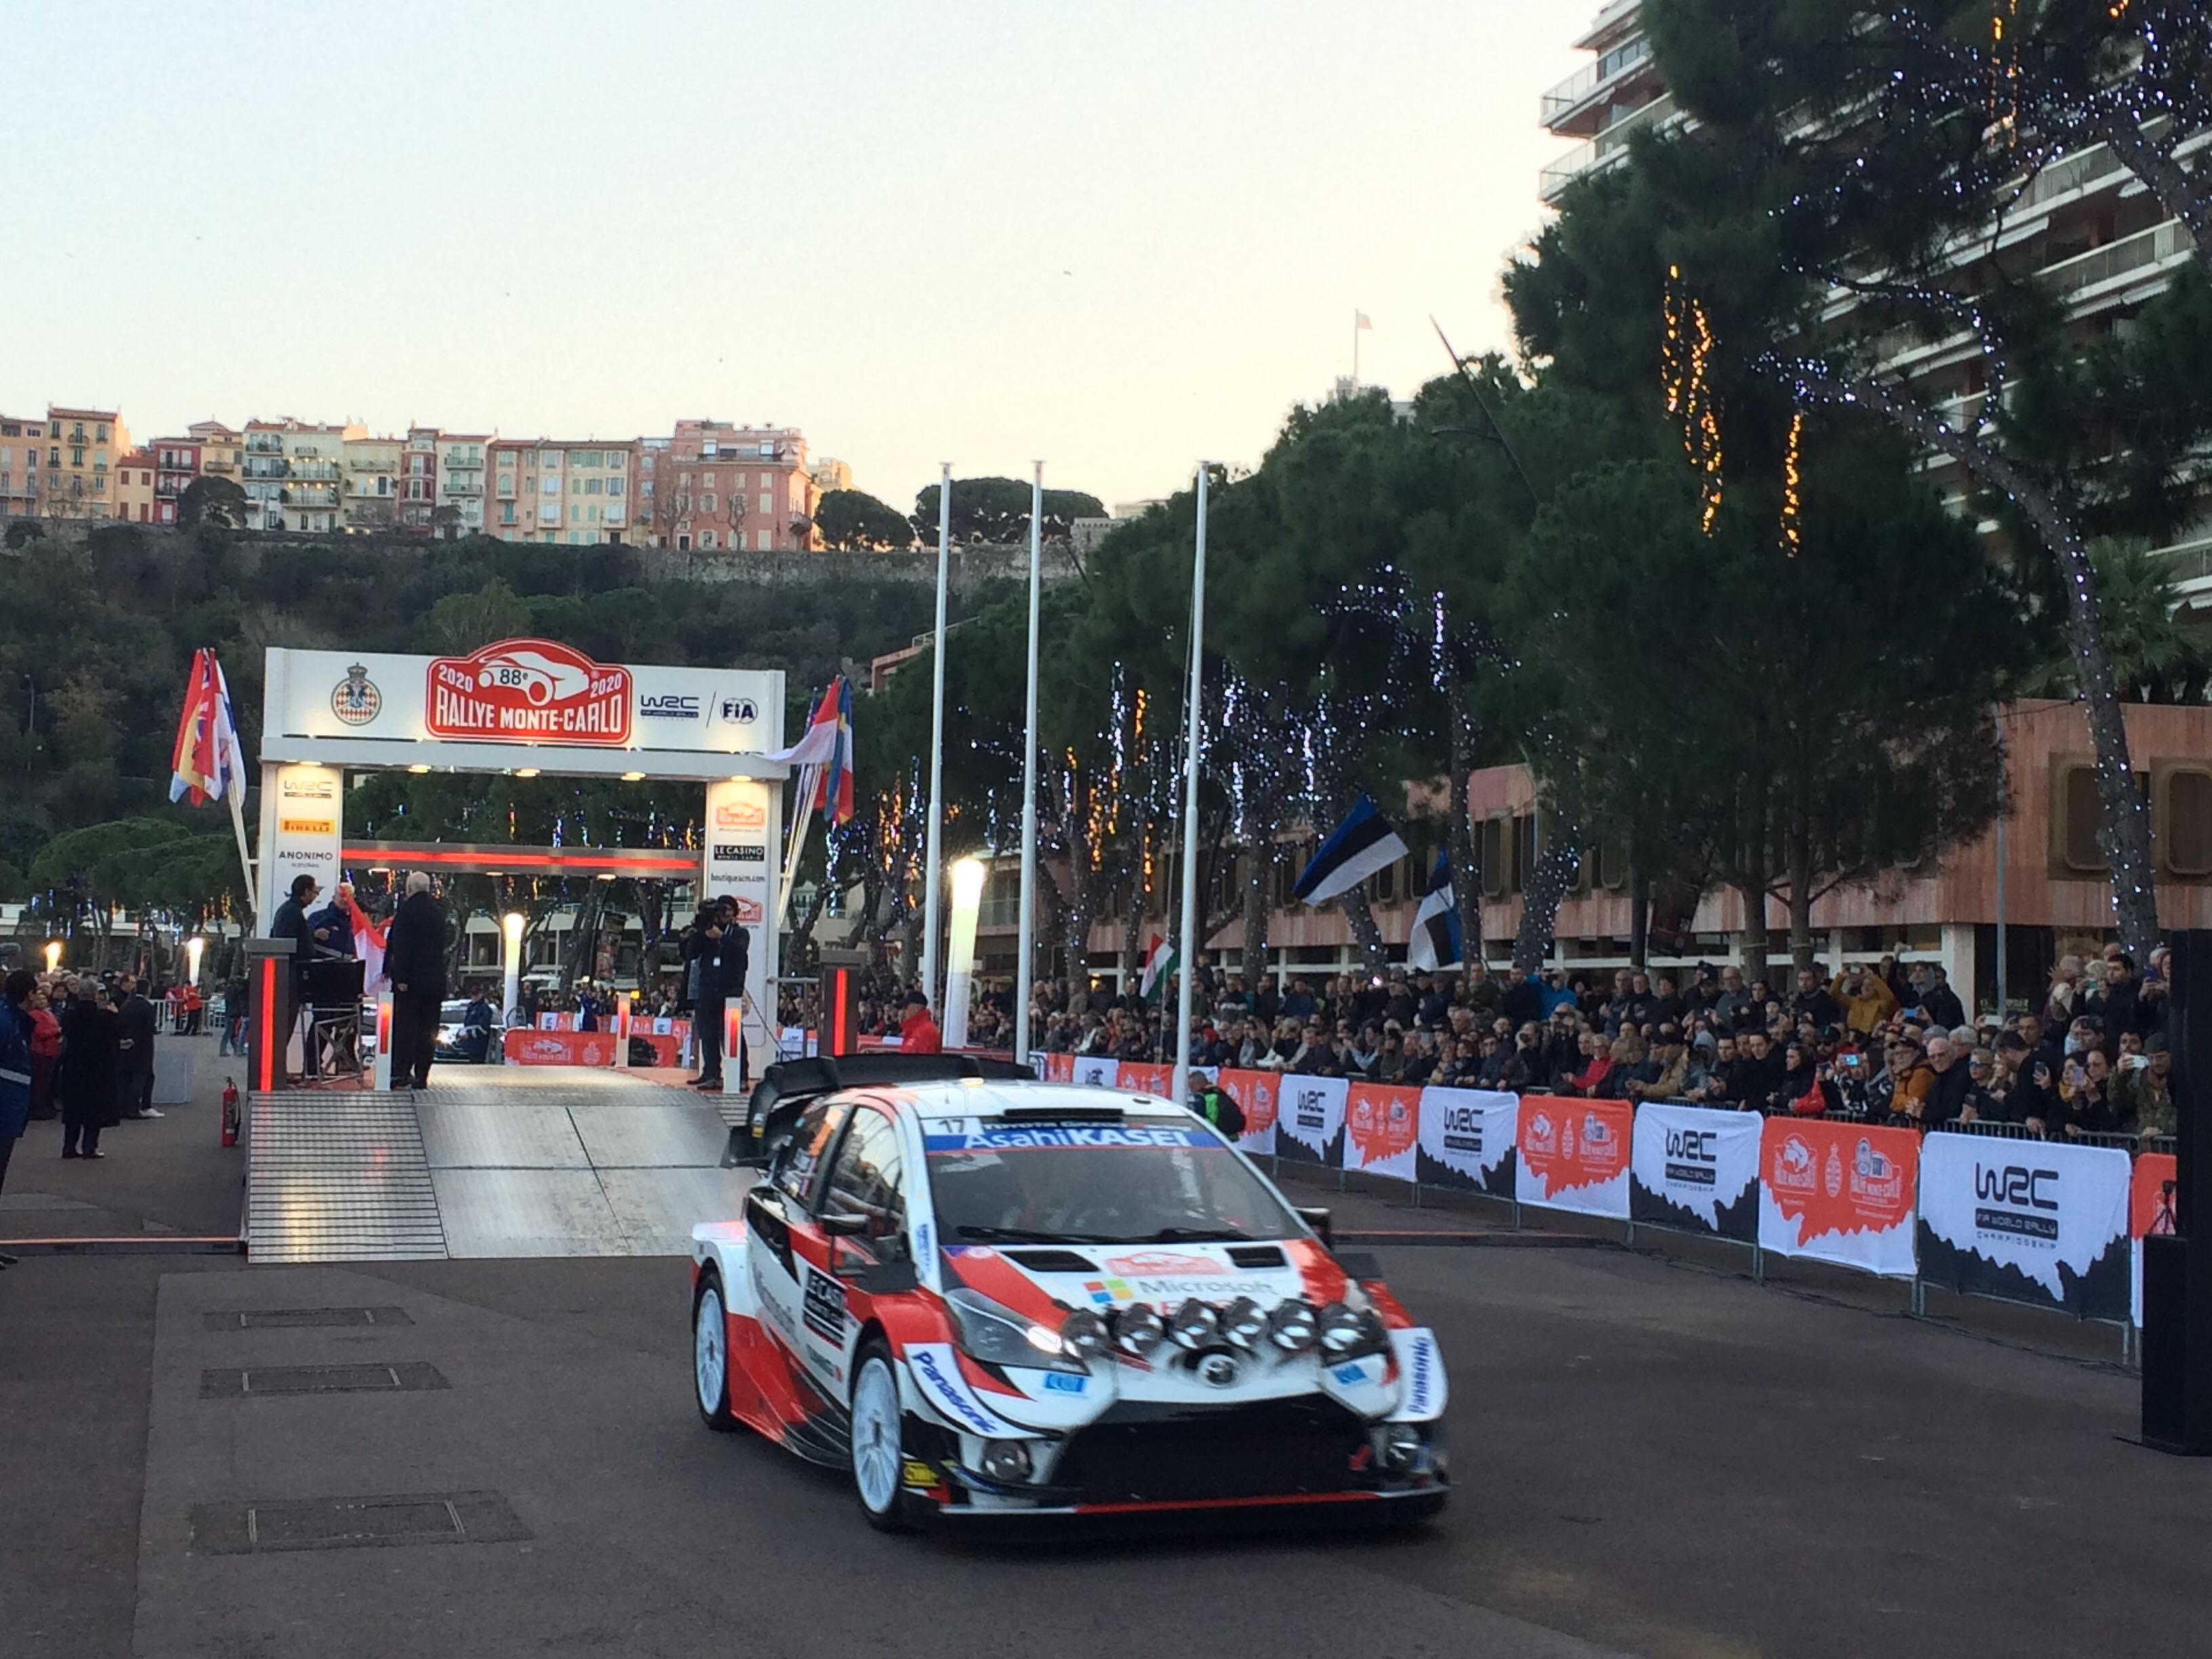 WRC: 88º Rallye Automobile de Monte-Carlo [20-26 de Enero] - Página 4 EO-r8r4XkAIdbFr?format=jpg&name=4096x4096